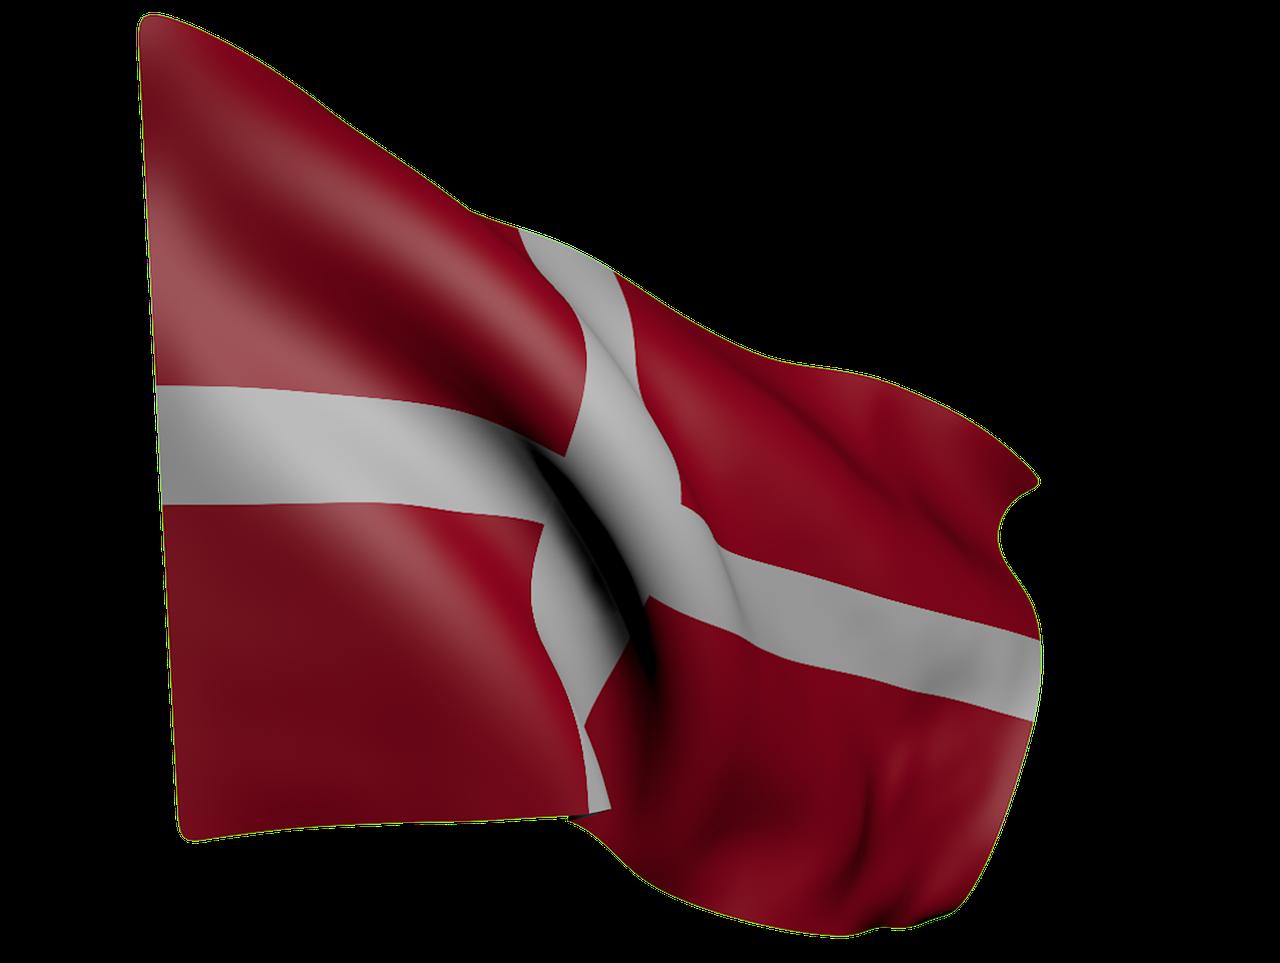 flag denmark, red, white-2317462.jpg